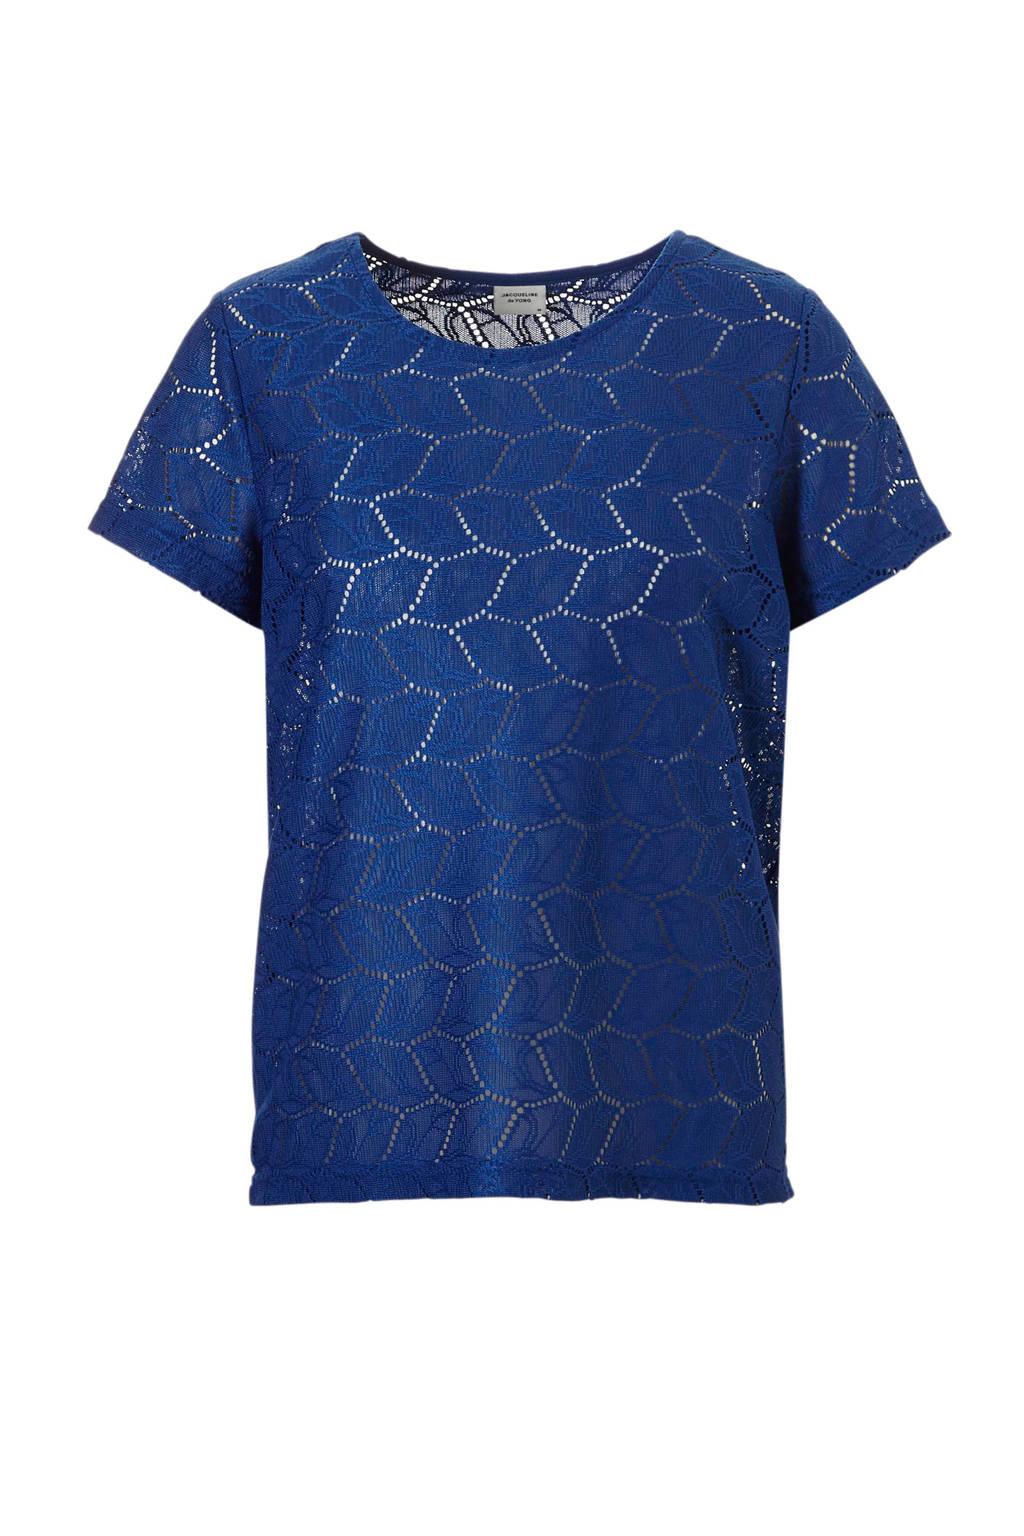 JACQUELINE DE YONG gehaakte top blauw, Blauw